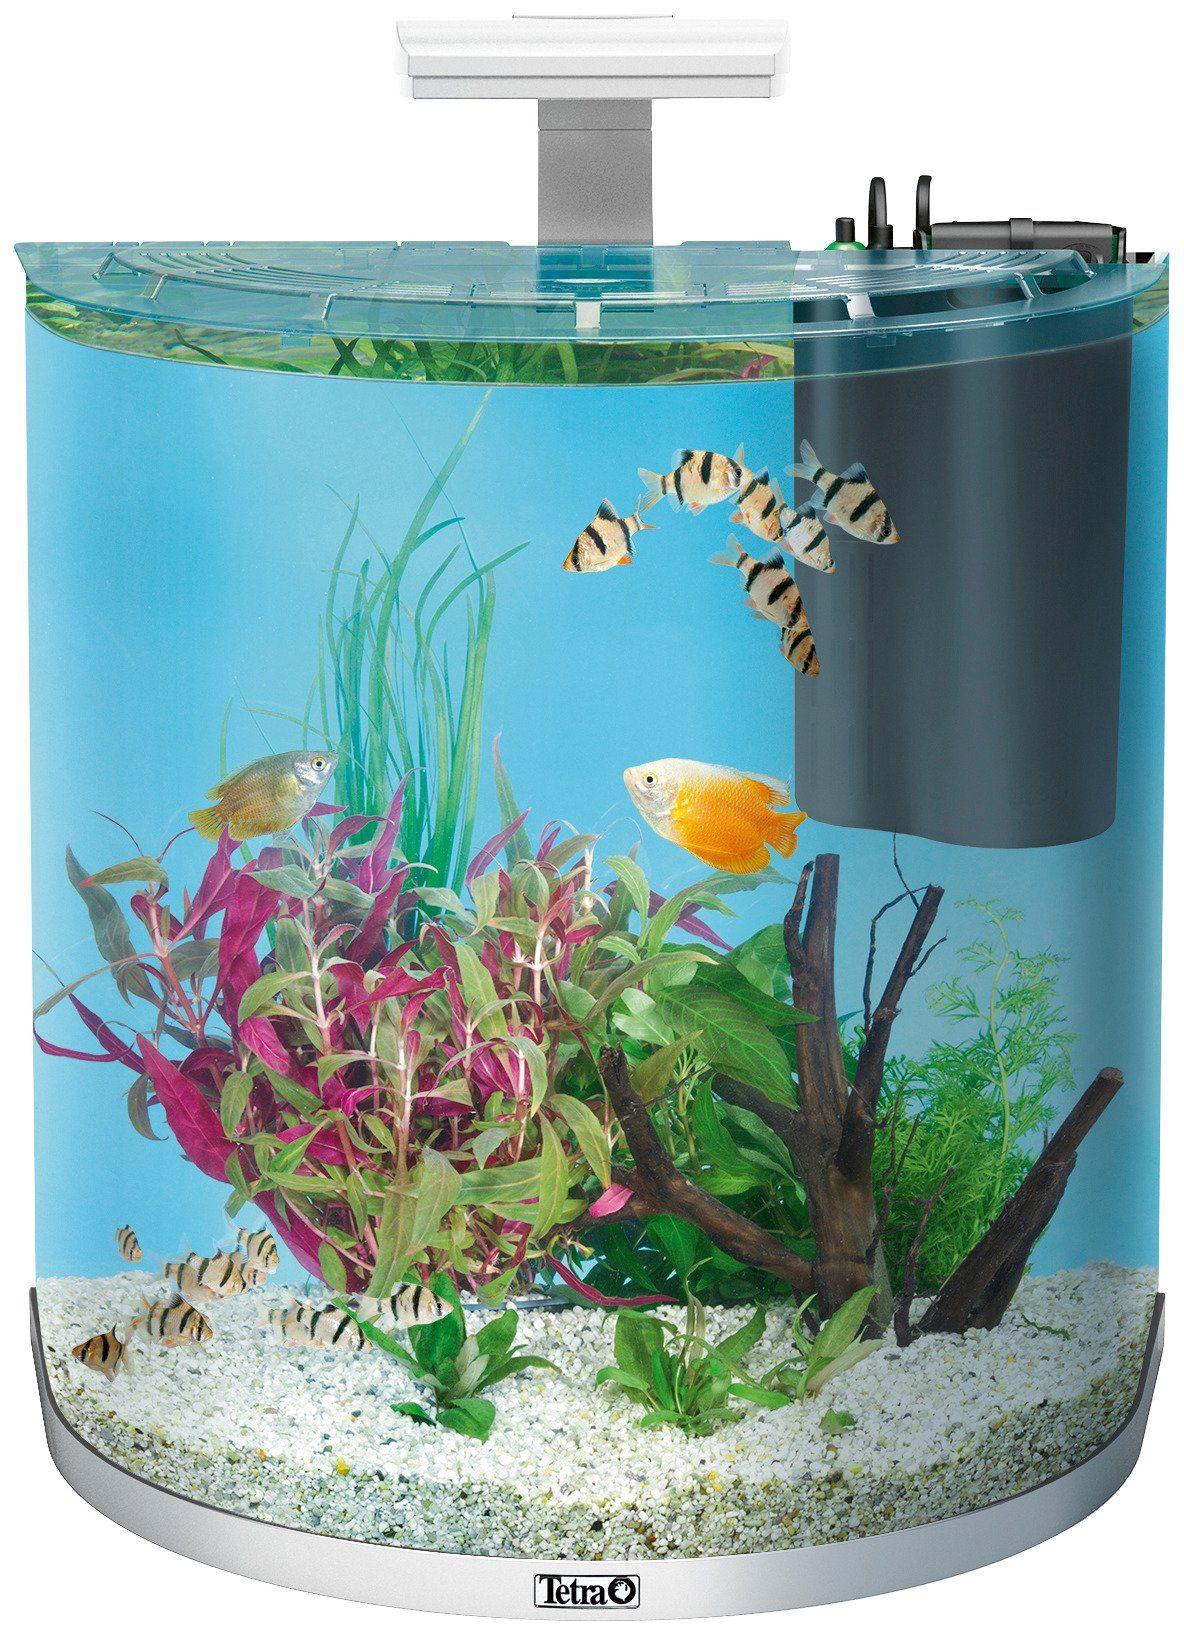 Aquarienheizer Exquisite In Verarbeitung